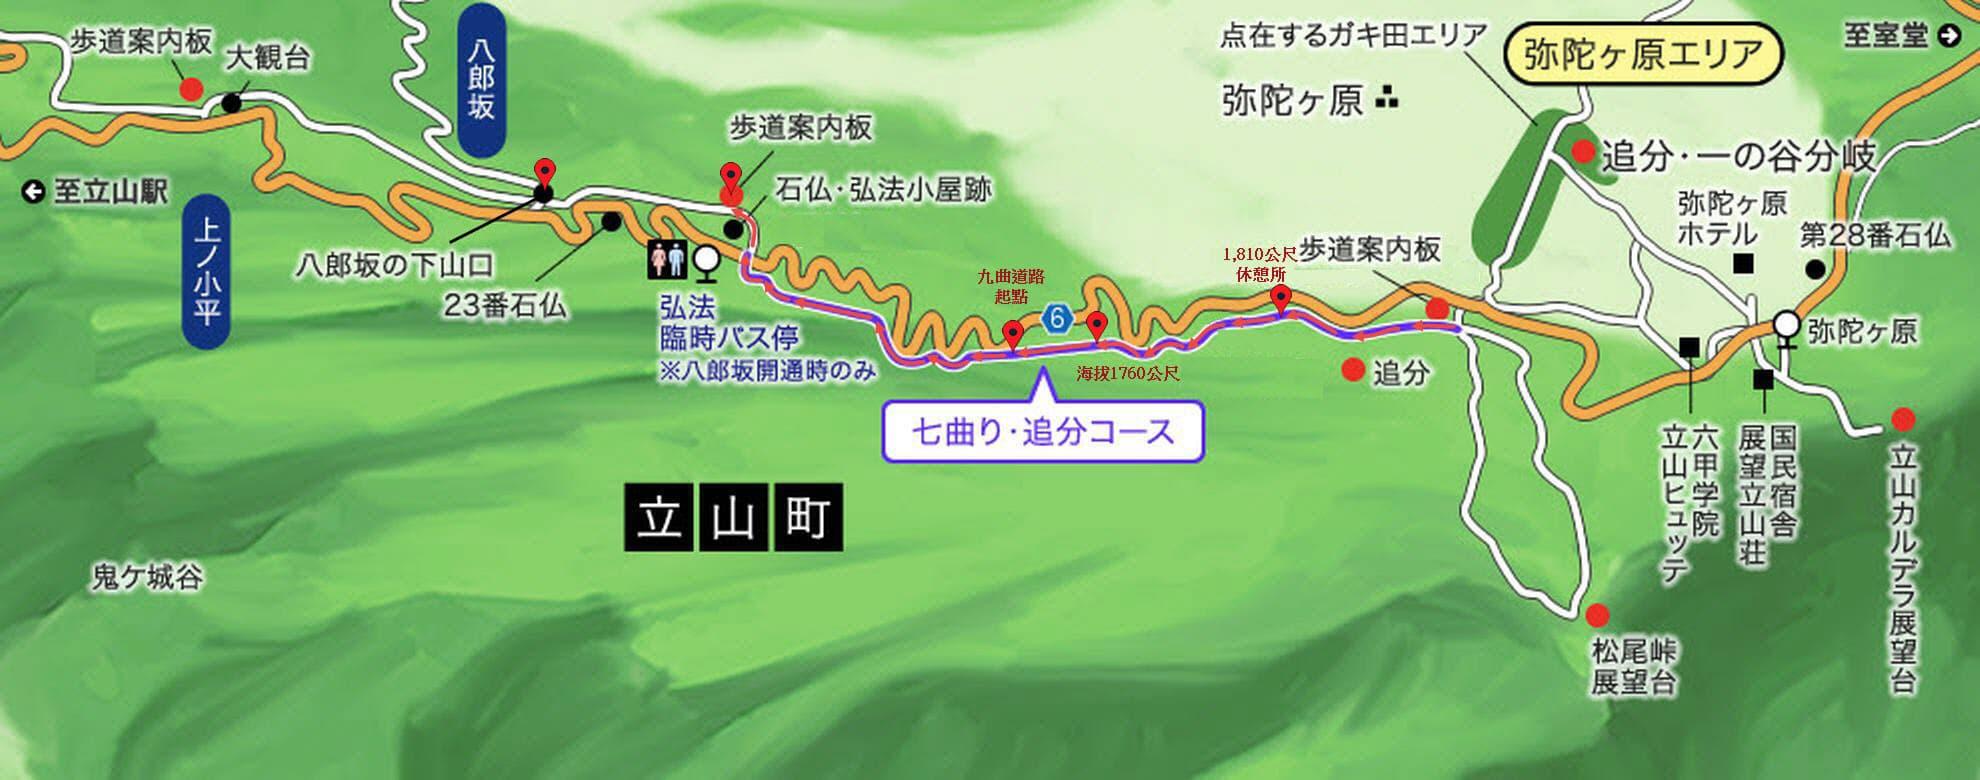 弘法至八郎坂下山口步行路線圖